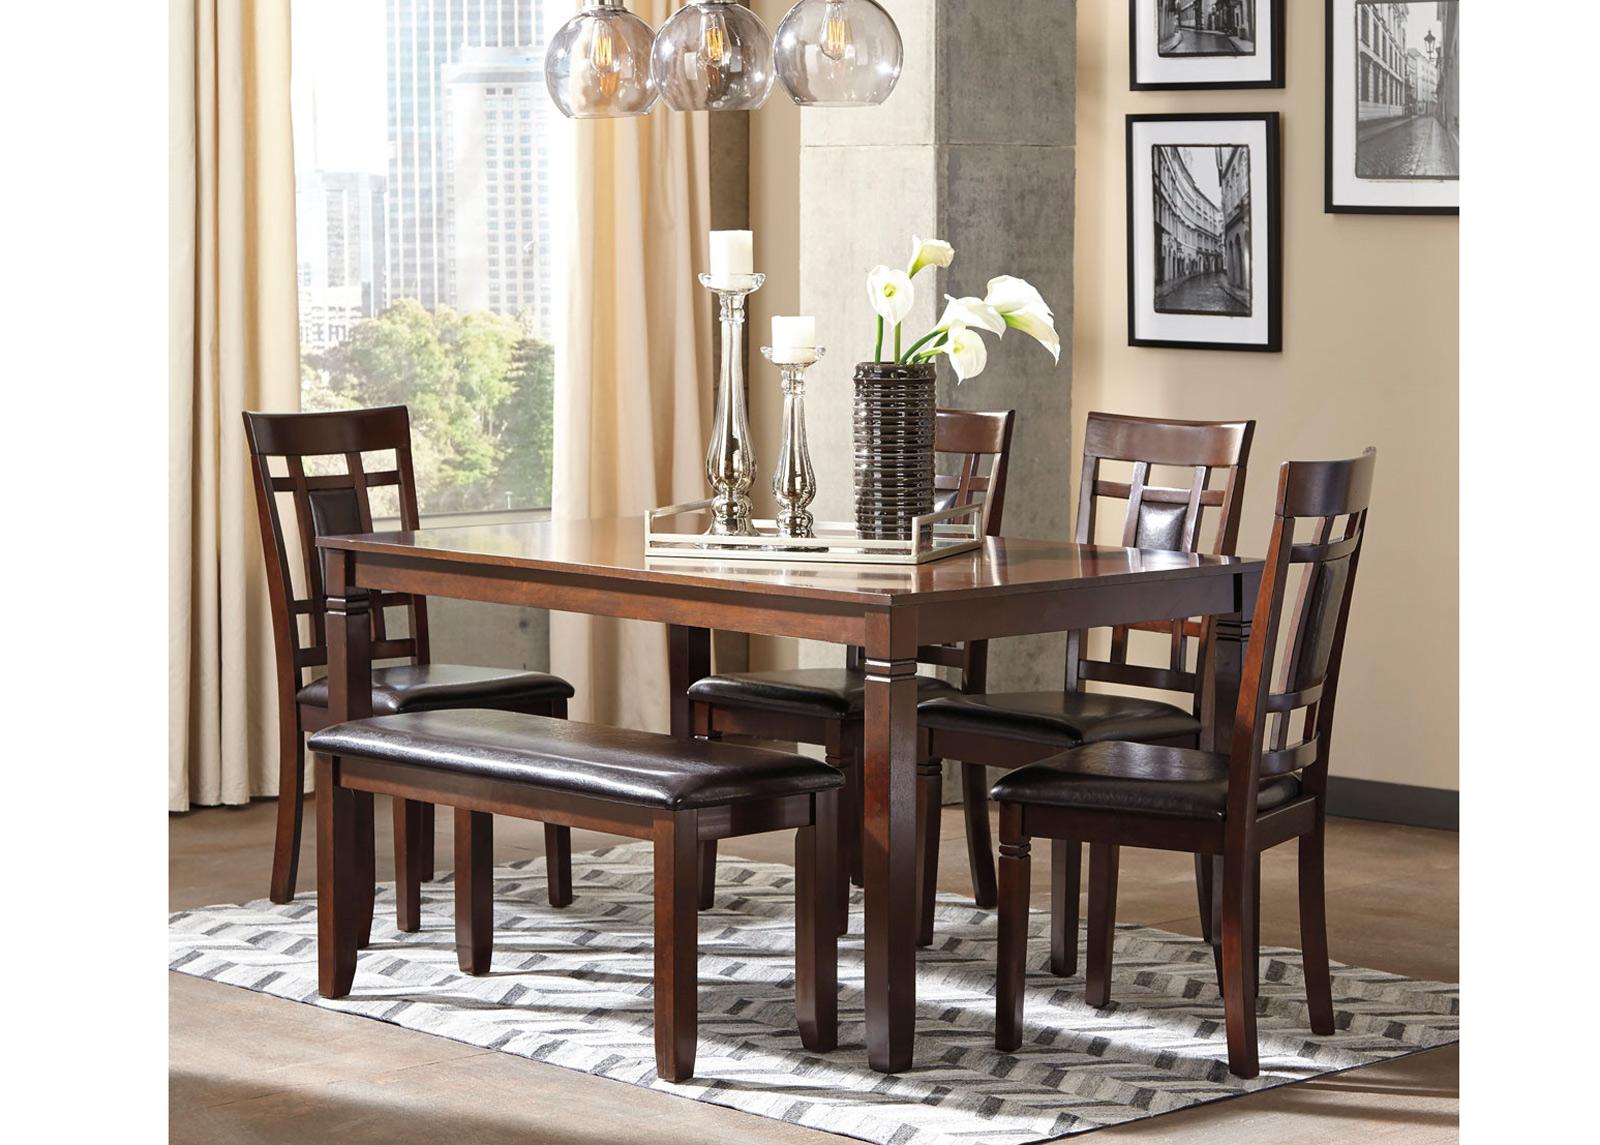 Ruokapöytä 152x91 cm + 4 tuolia + penkki